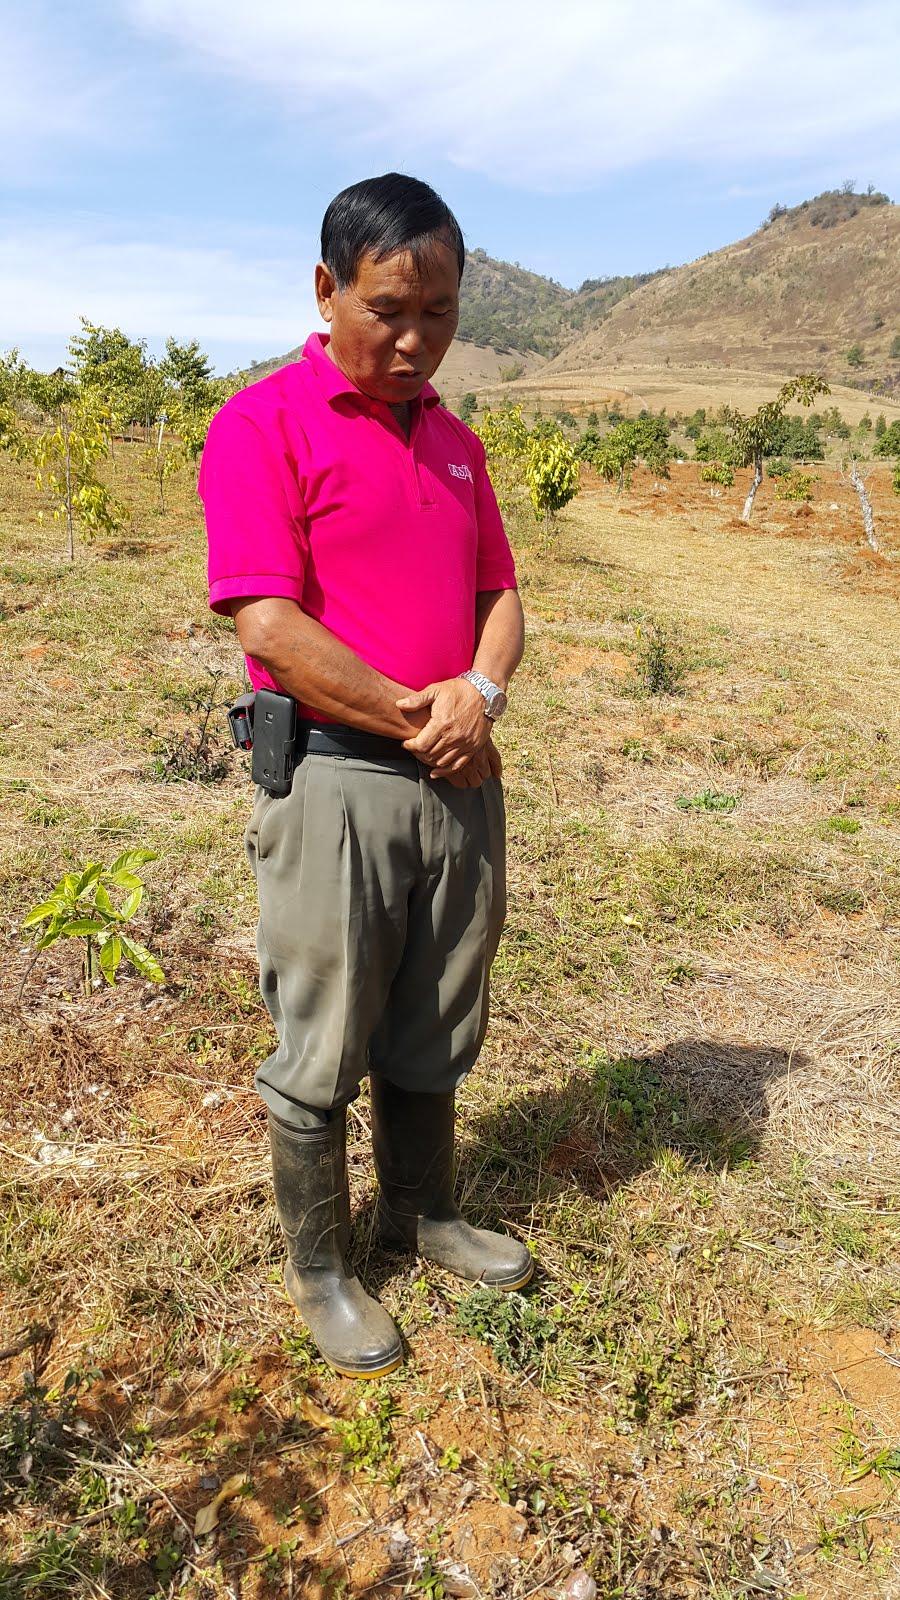 Tim's friend, U Khun Maung Myint, a tree farmer